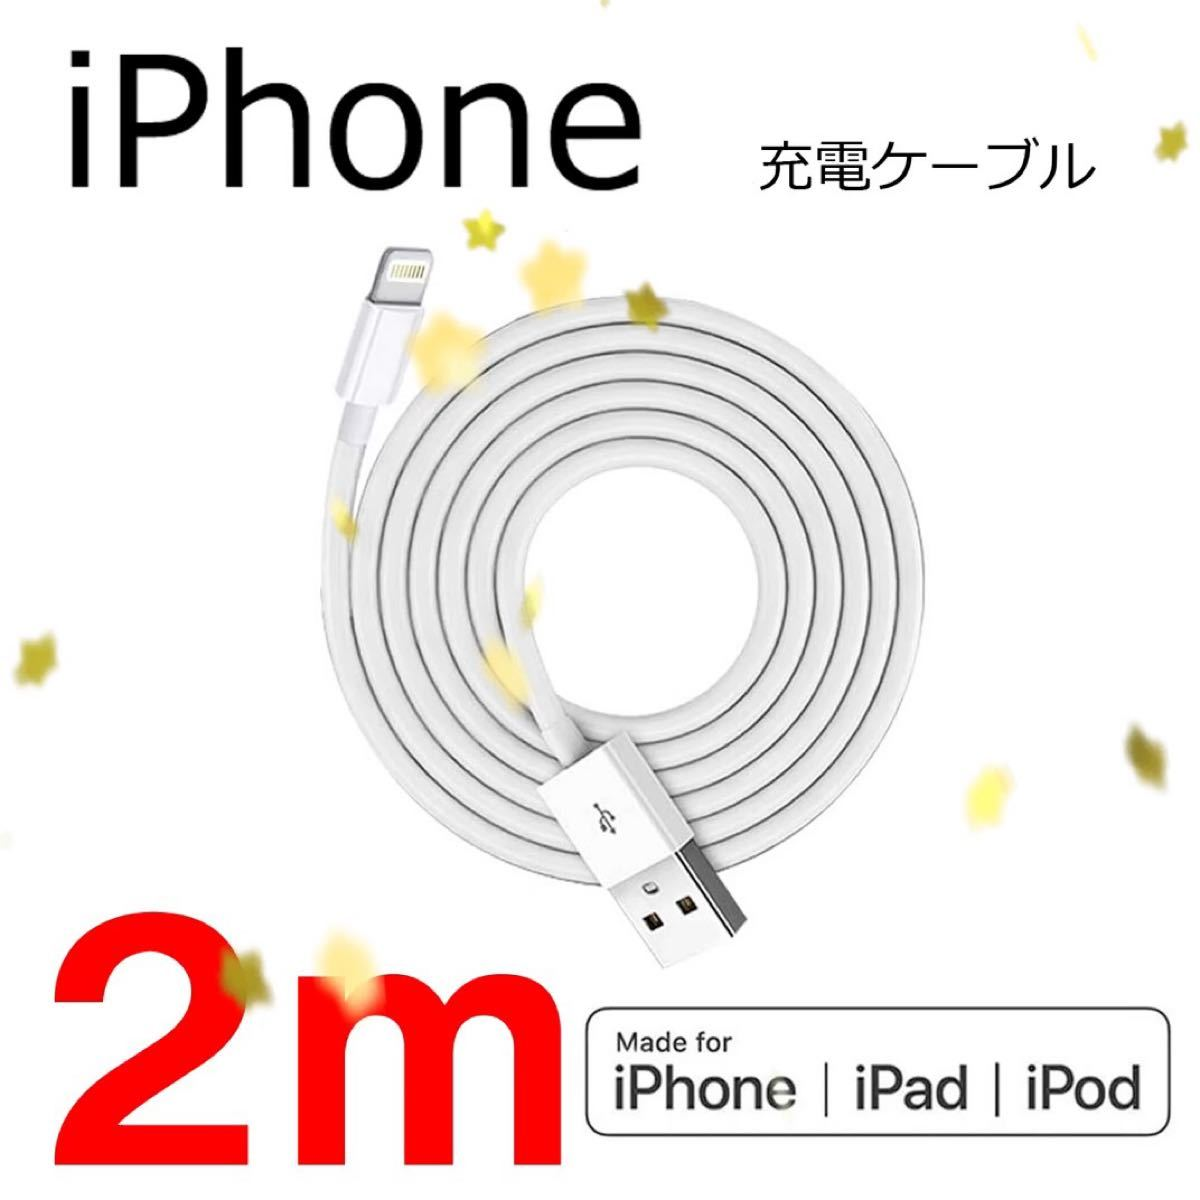 iPhone 充電器 充電ケーブル コード lightning cable ライトニングケーブル 2m